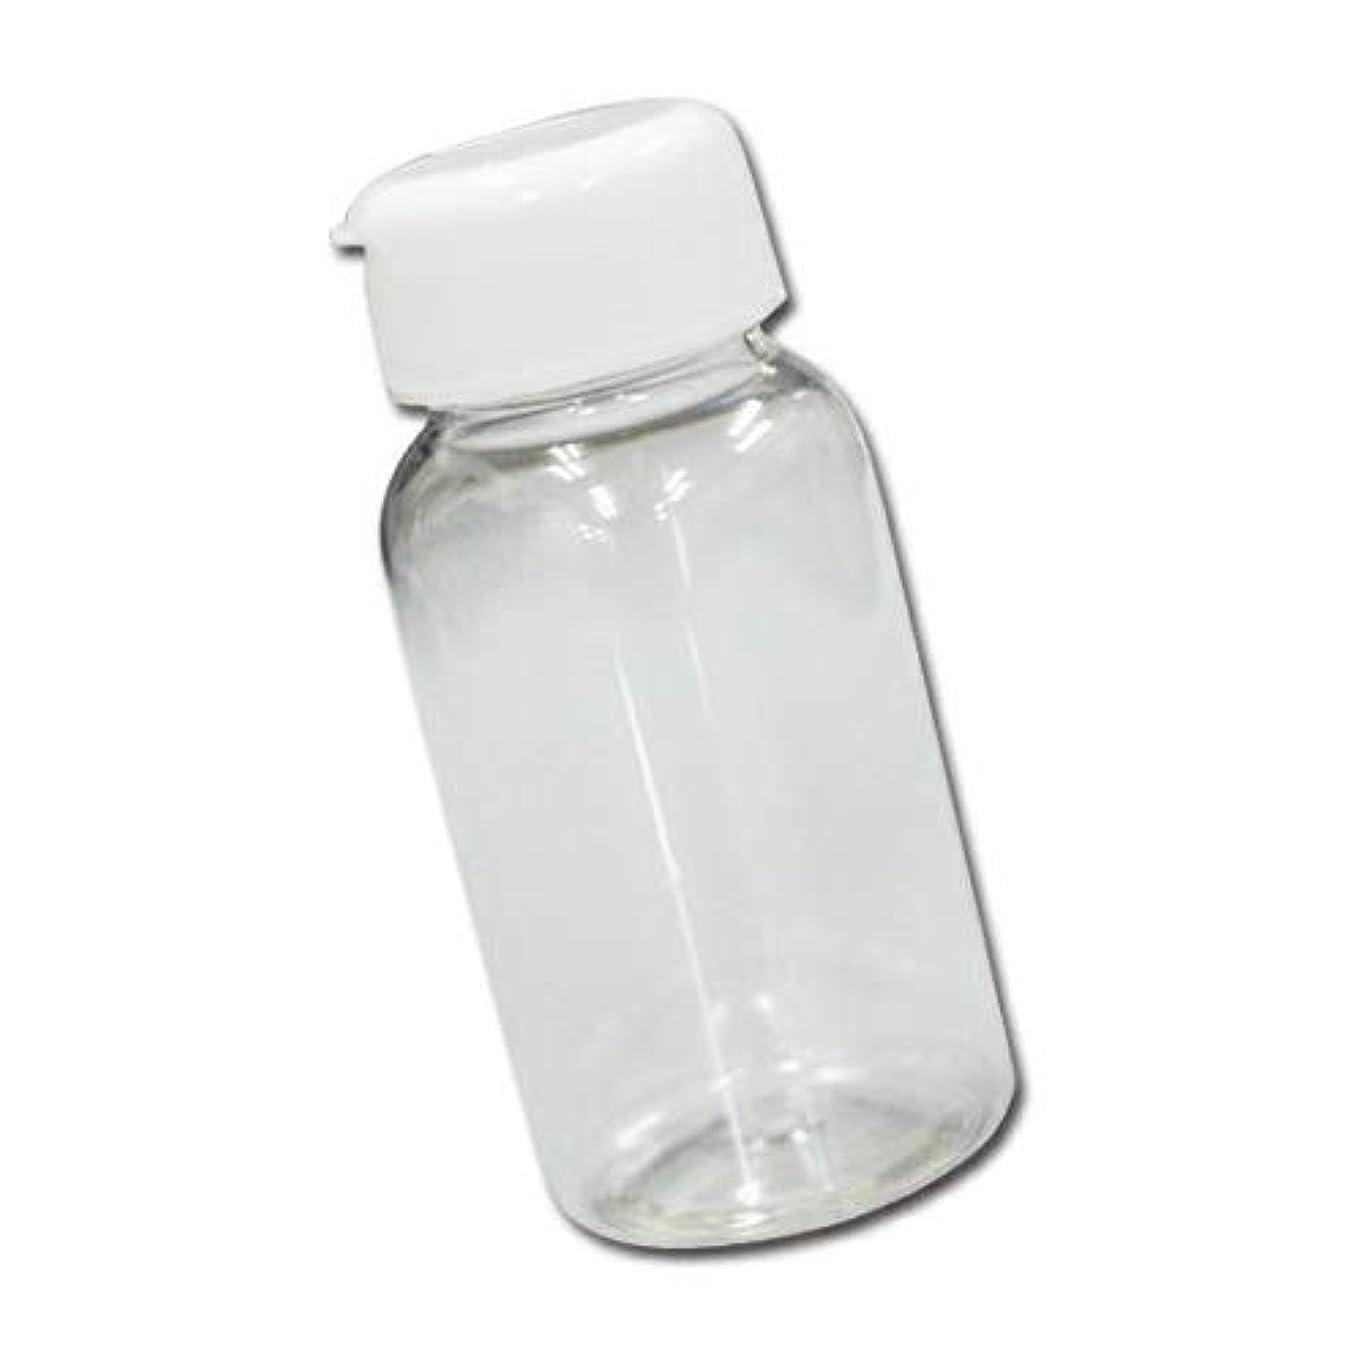 精緻化チャレンジ取り消すパウダー用詰め替え容器200mlボトル│業務用マッサージパウダーや調味料の小分けに最適な穴あき詰め替えボトル